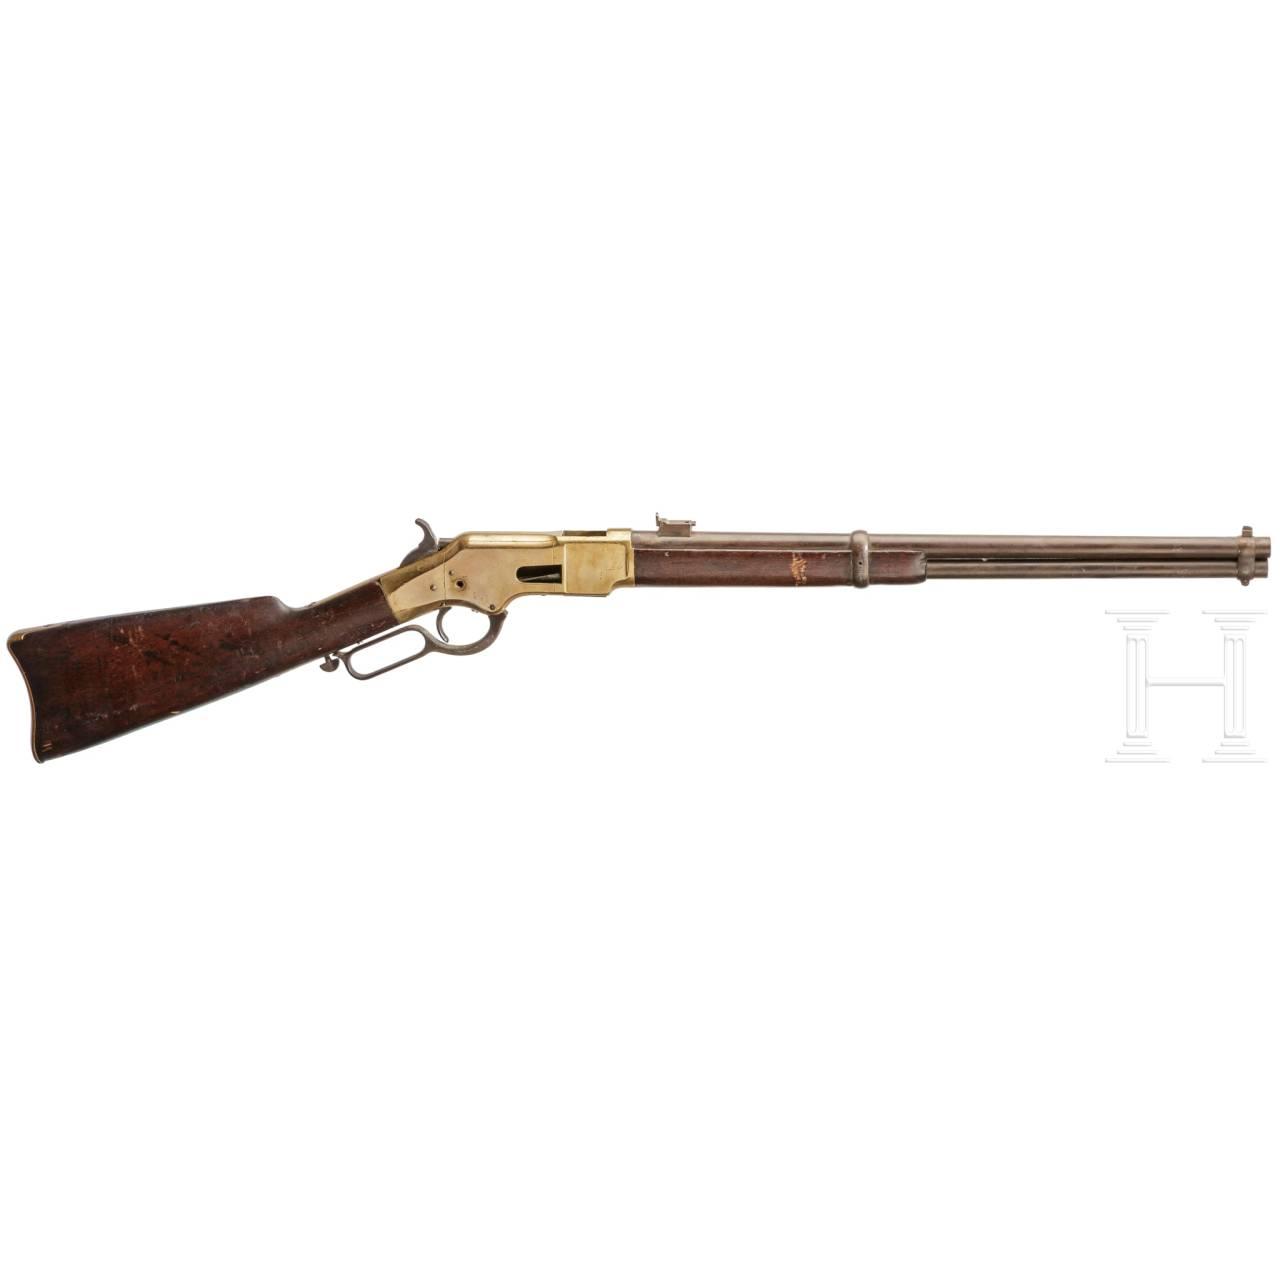 Unterhebelrepetierbüchse Winchester Mod. 1866 Carbine, 3. Modell, Fertigung 1871